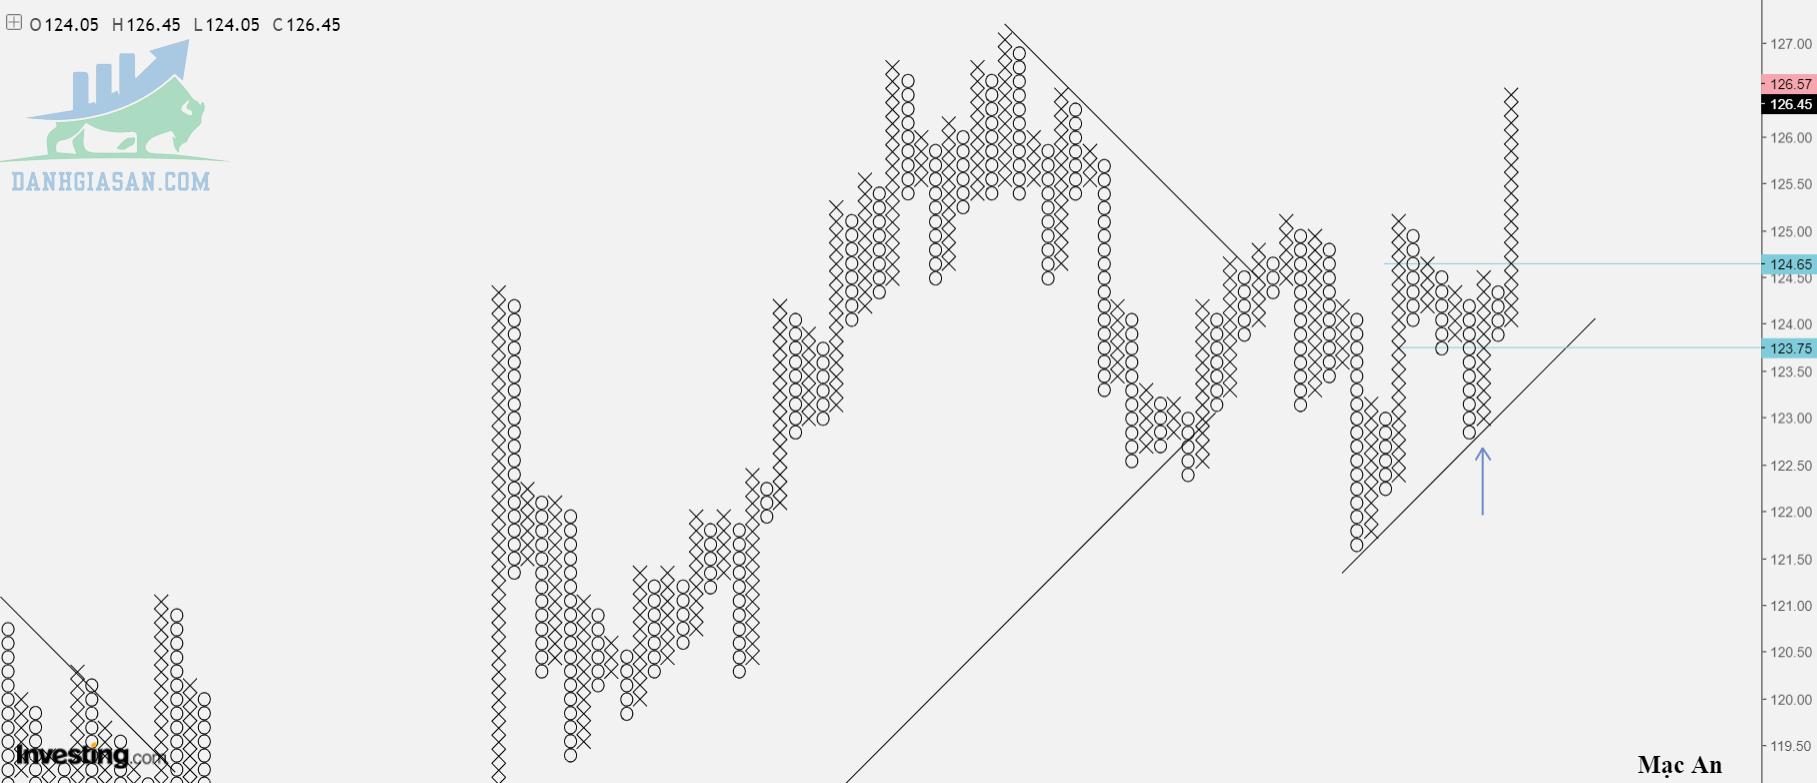 Phân tích Forex - cặp EUR/JPY theo góc nhìn đồ thị P&F